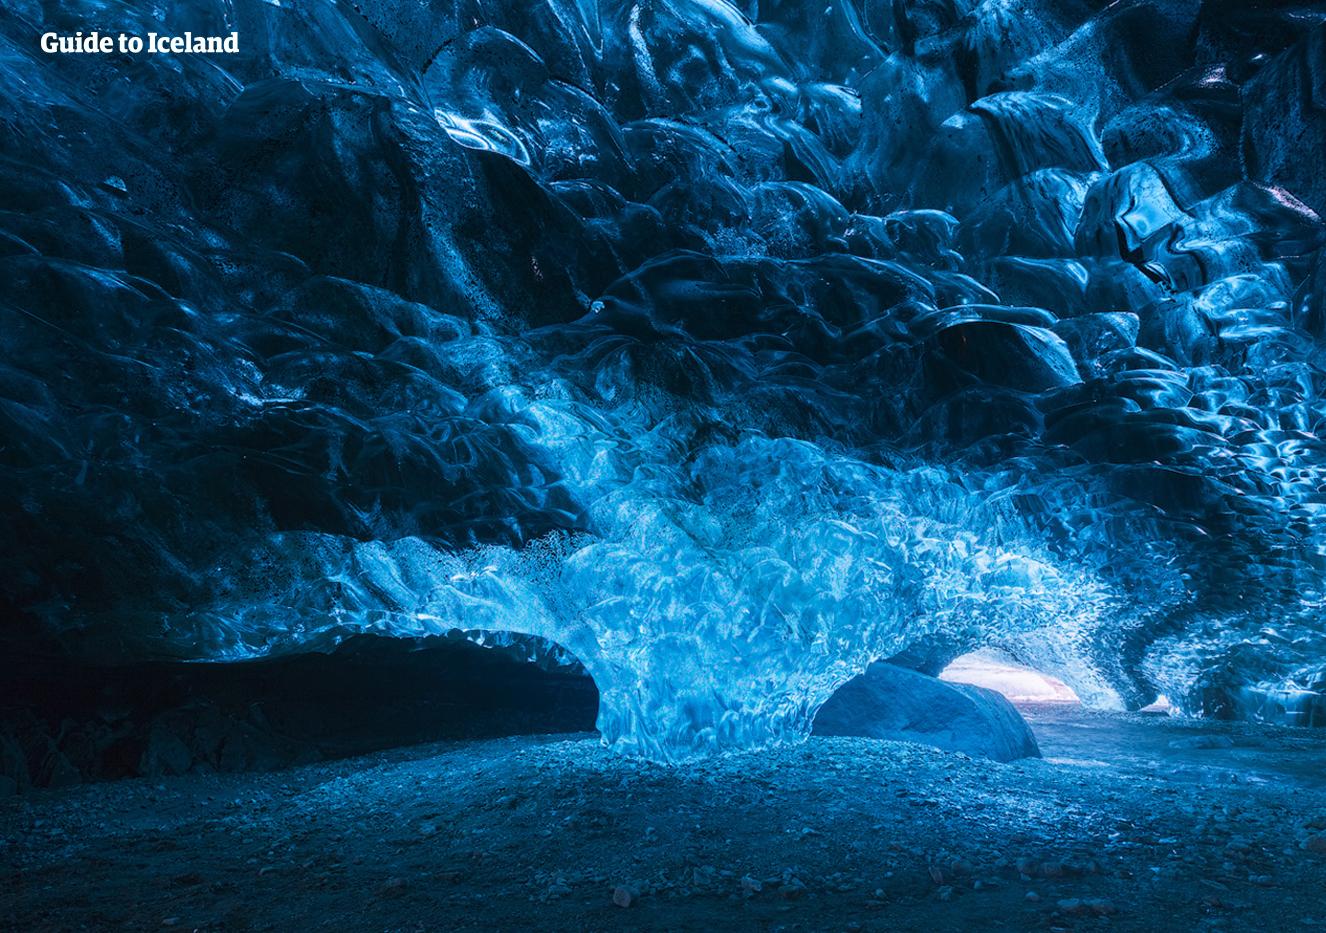 바트나요굴 국립공원에 자리잡은 얼음동굴의 환상적인 푸른빛